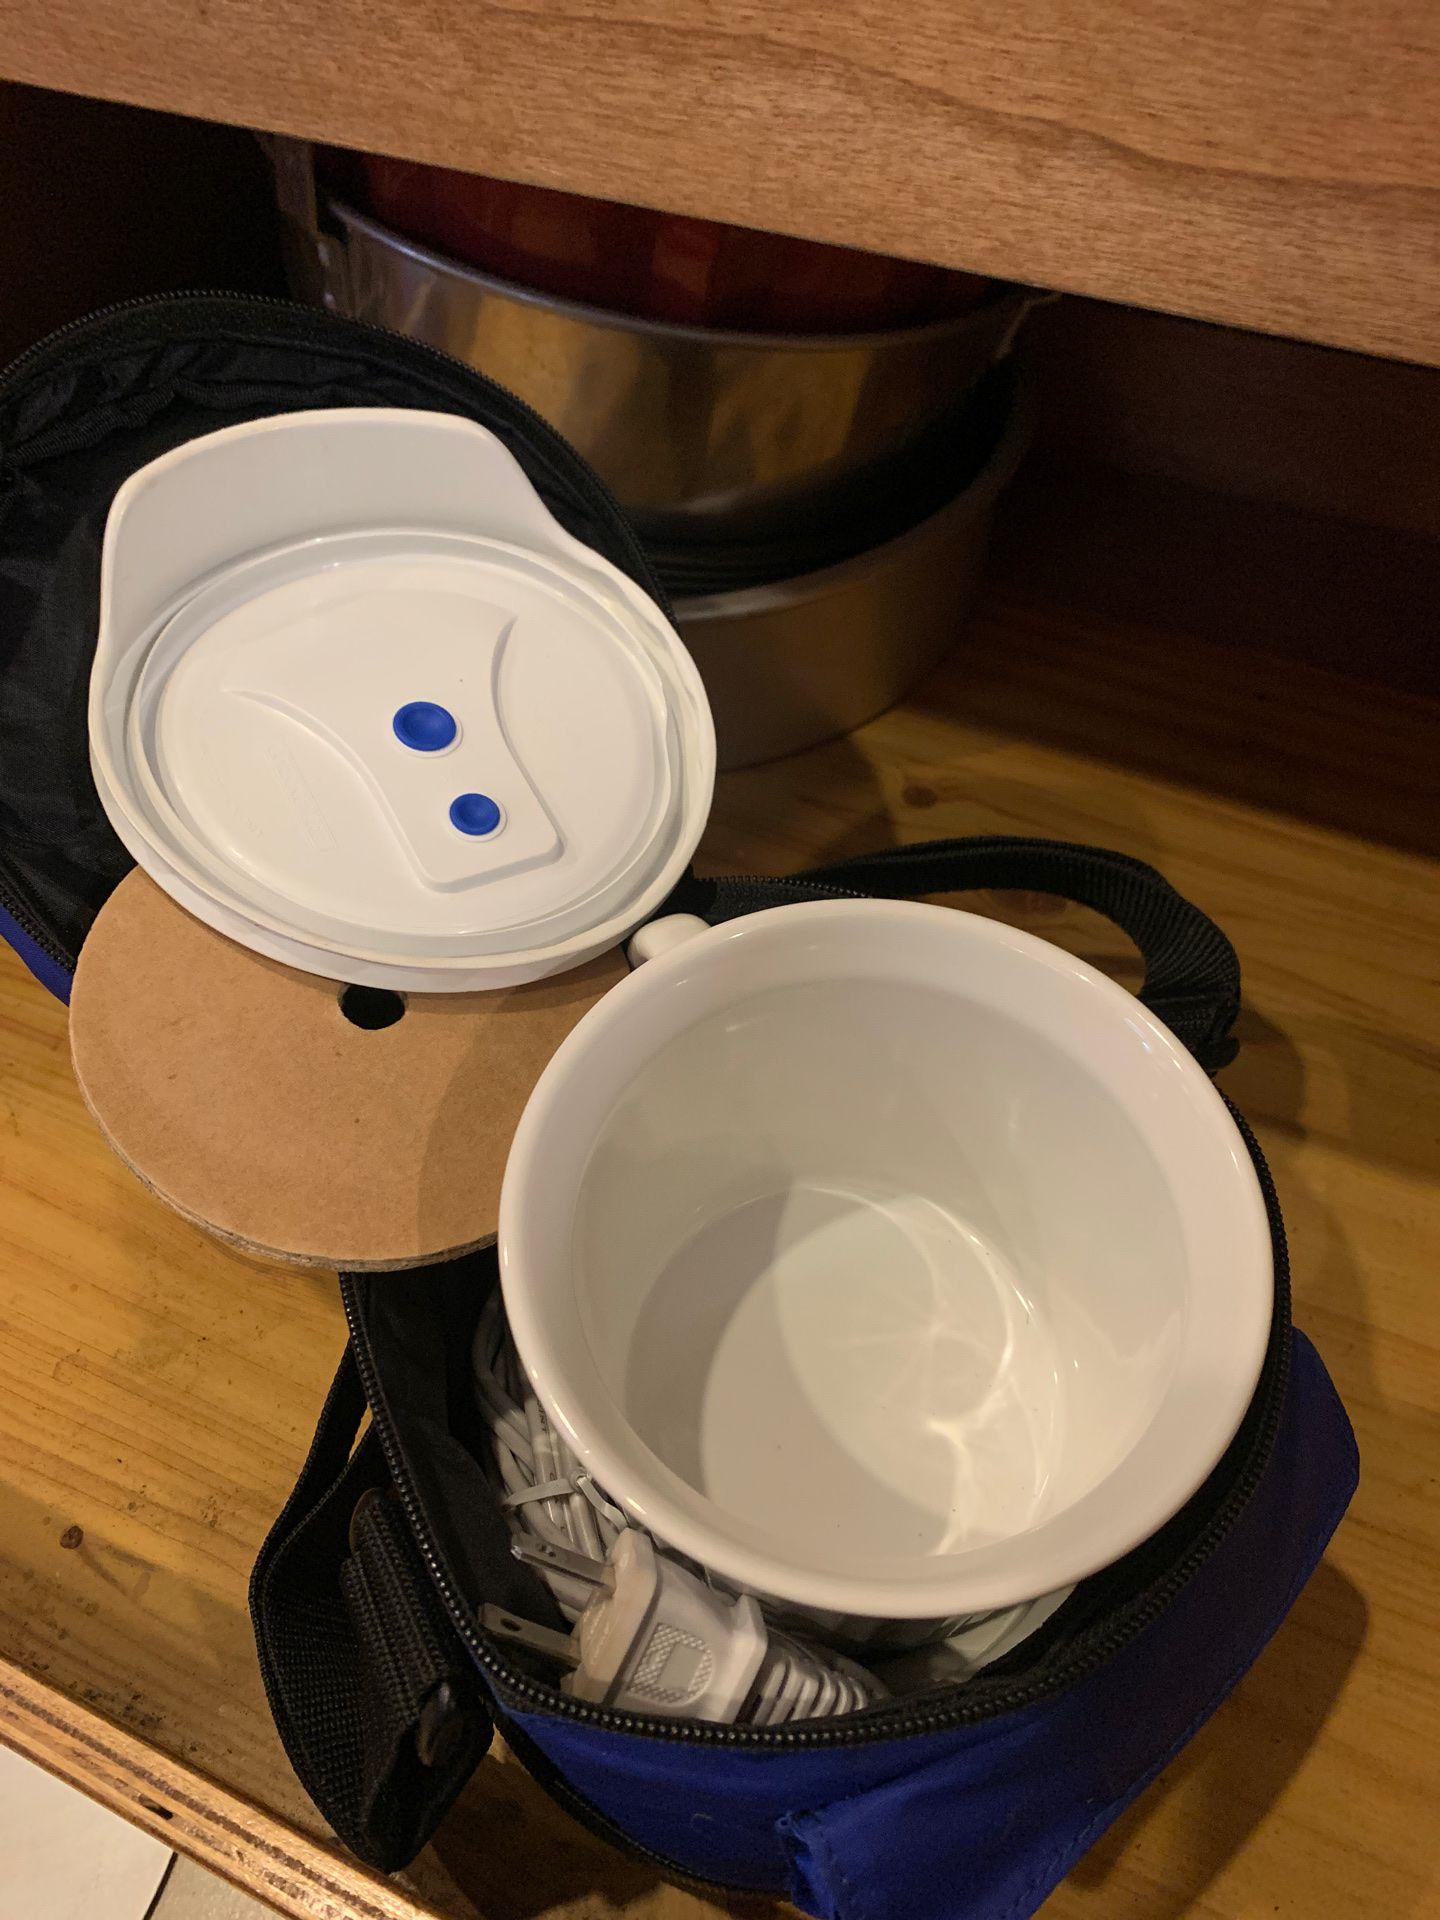 Corningware warmer